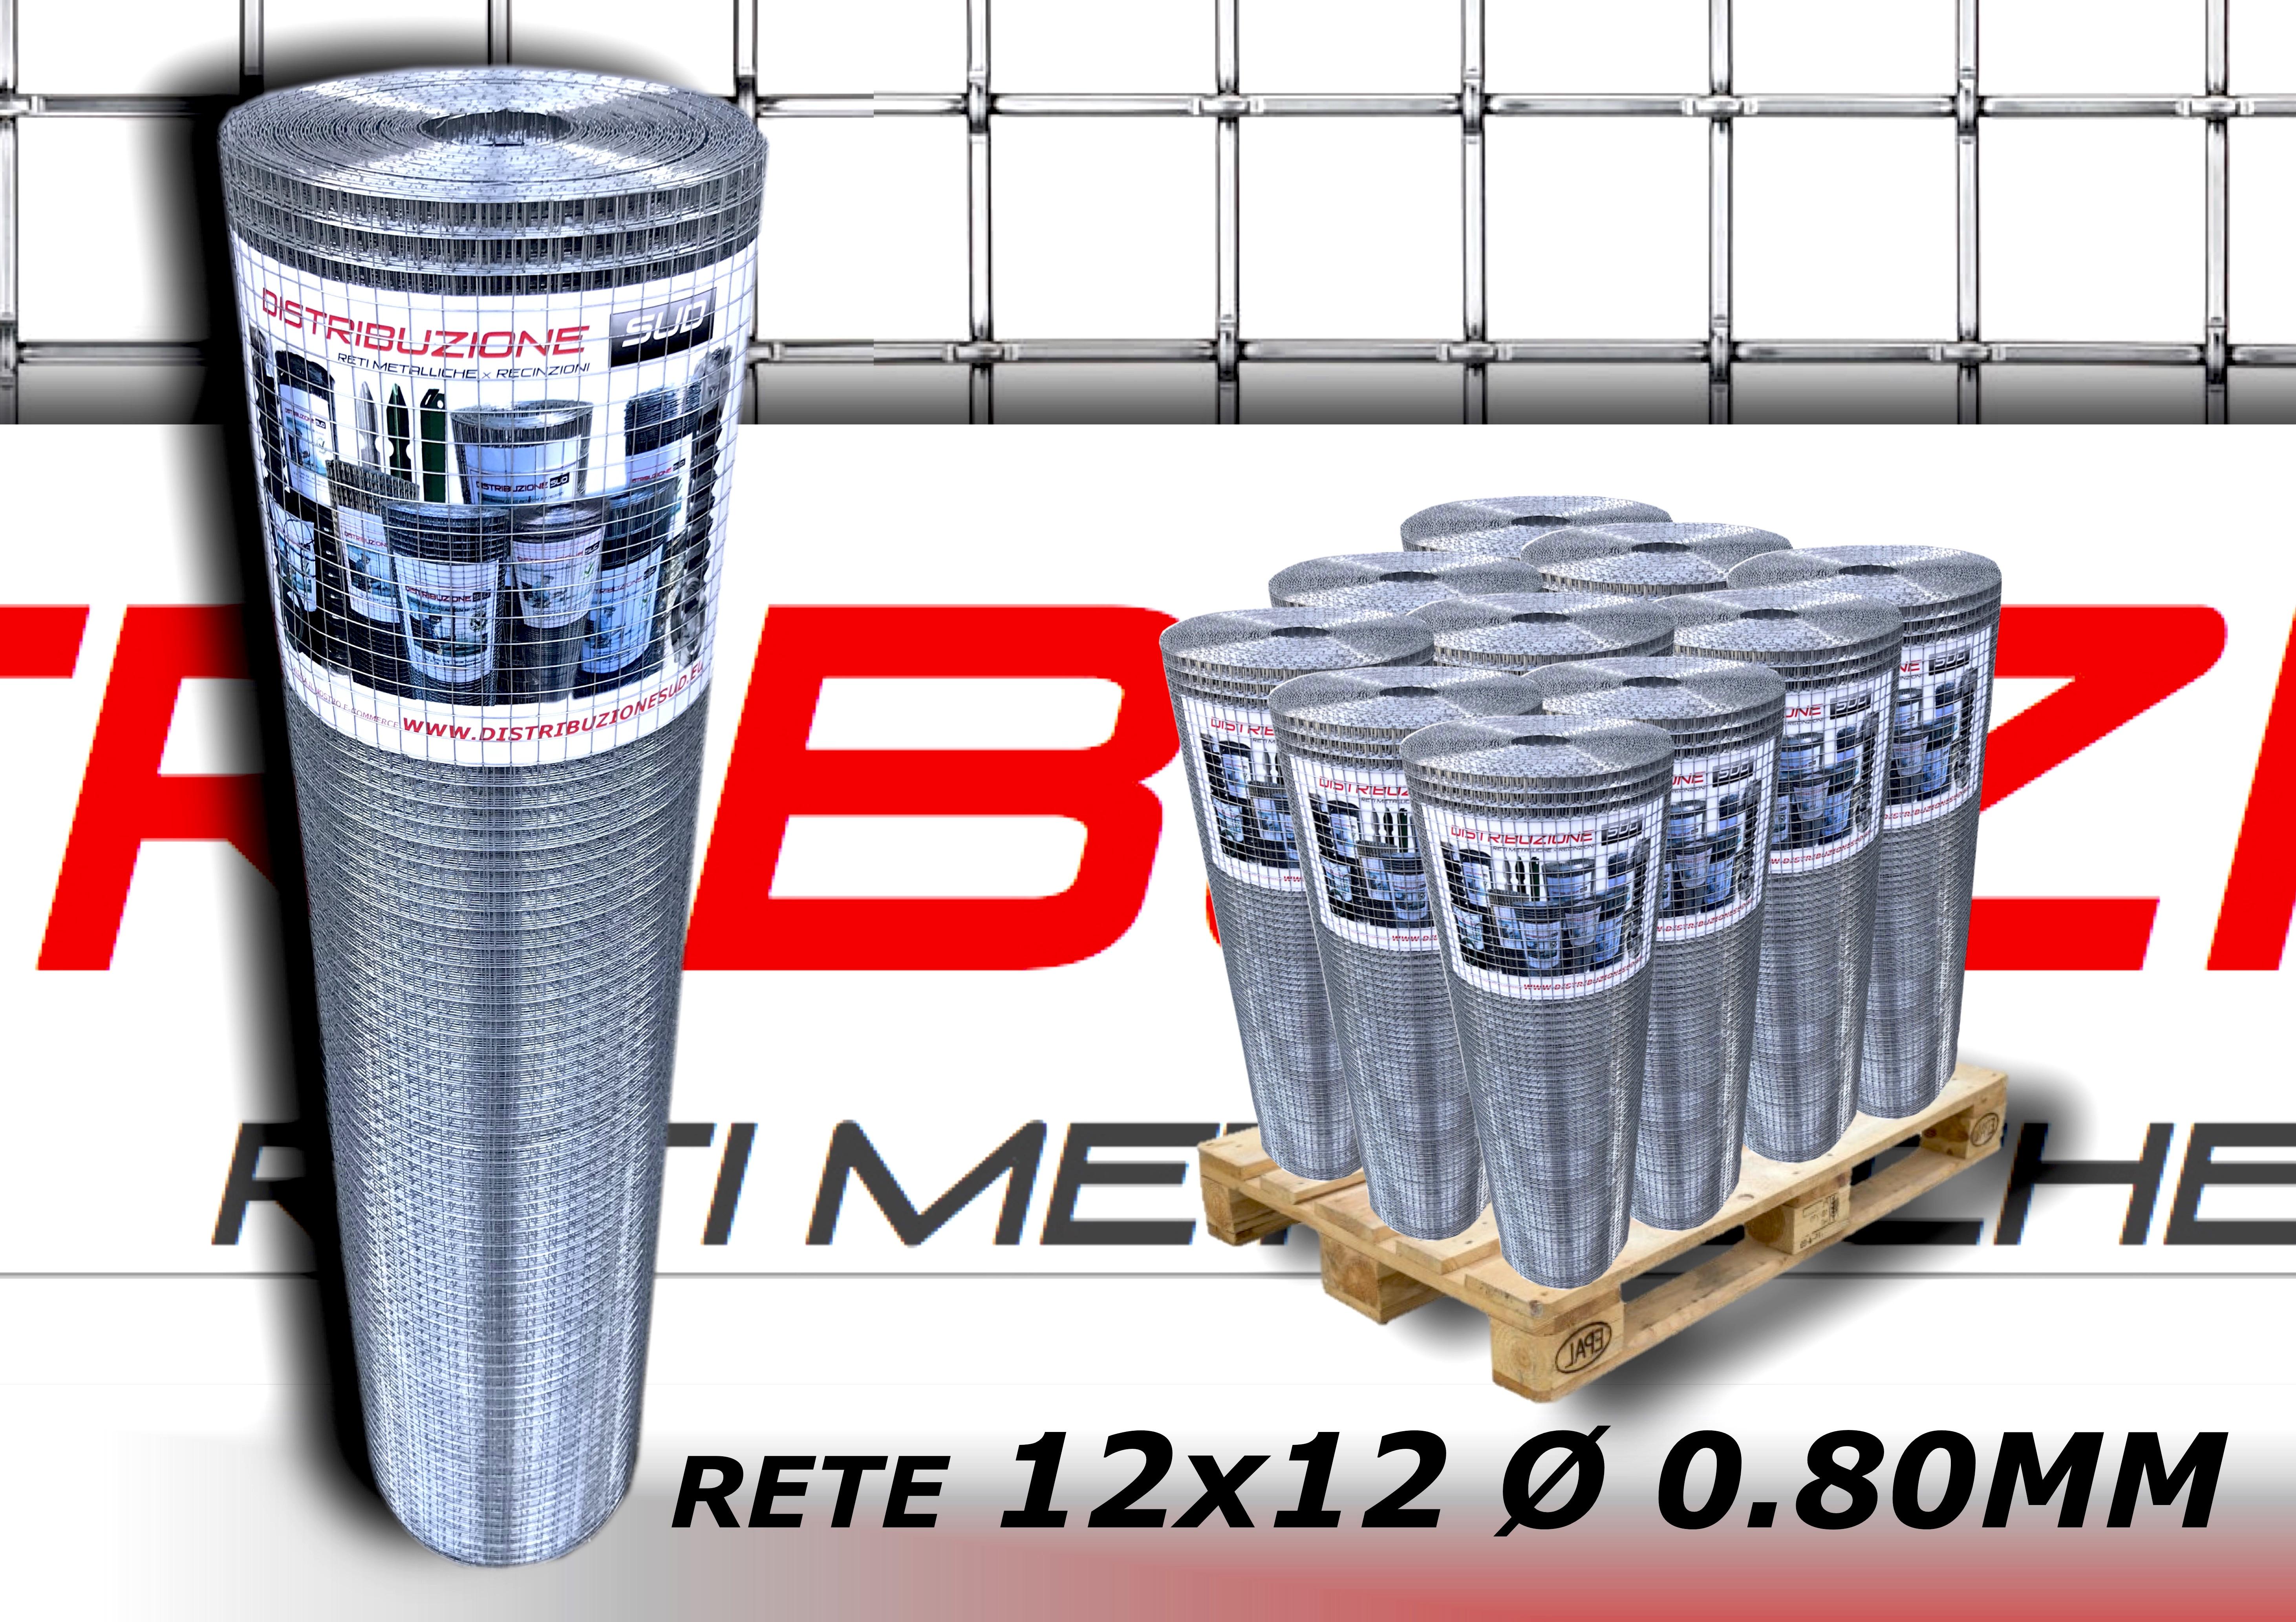 Rete 12x12